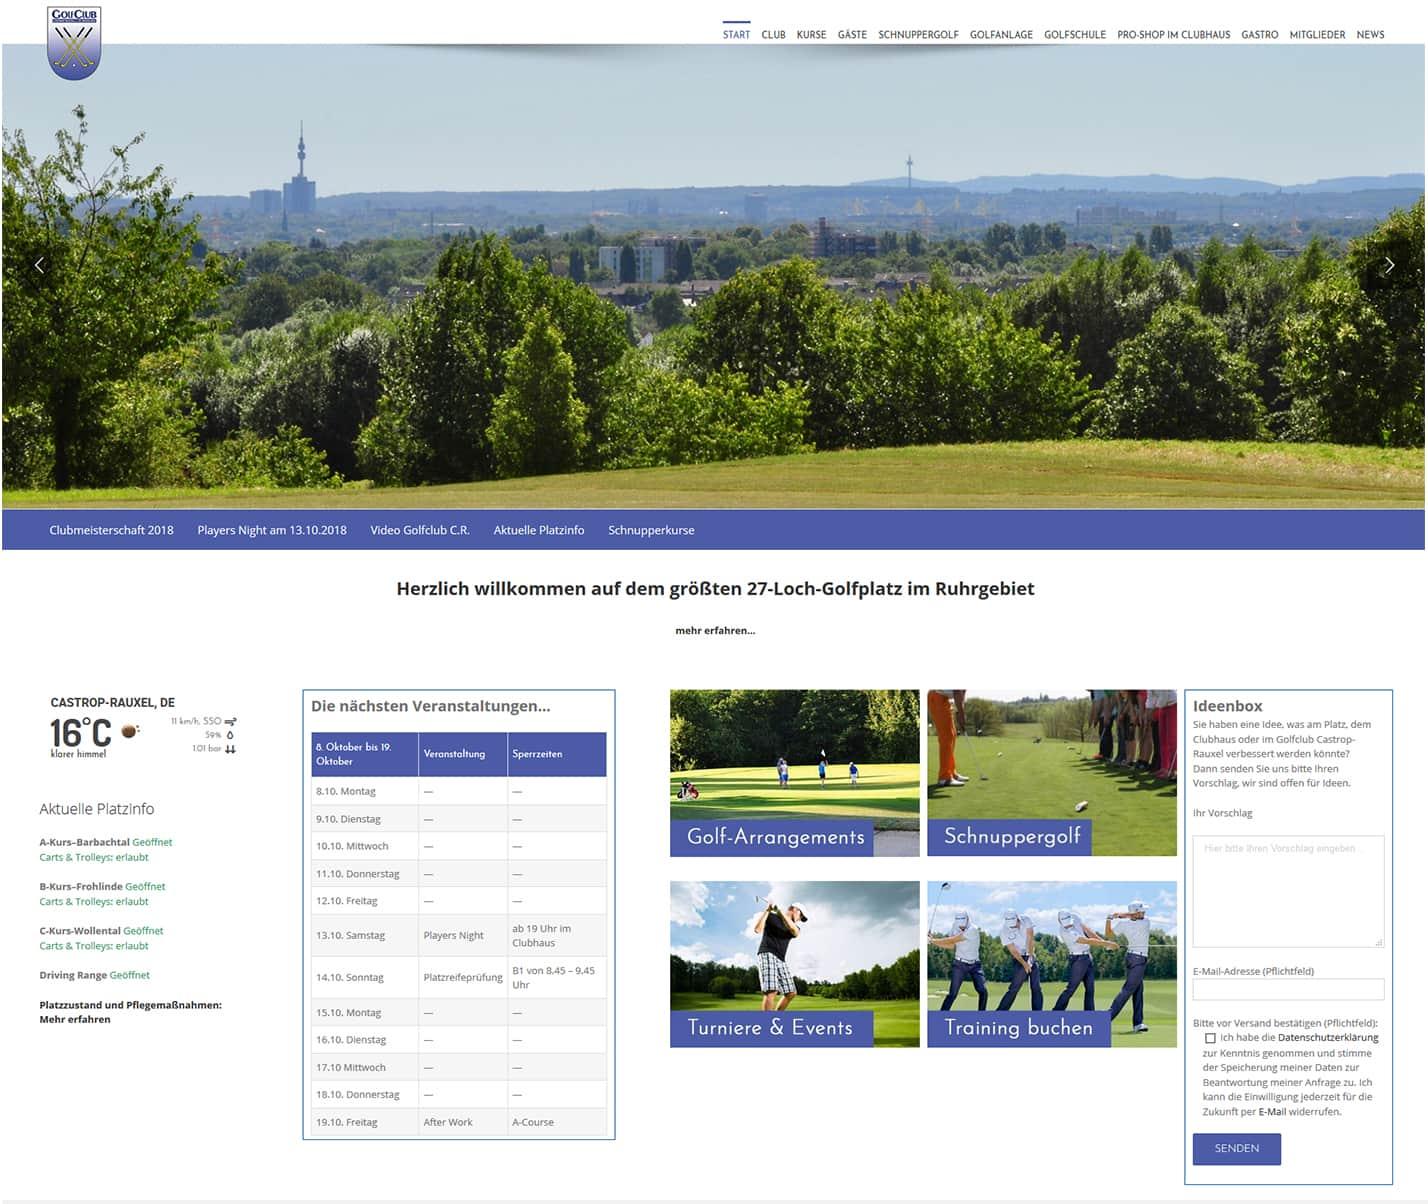 golfclub-castrop-rauxel neue website von web by michi